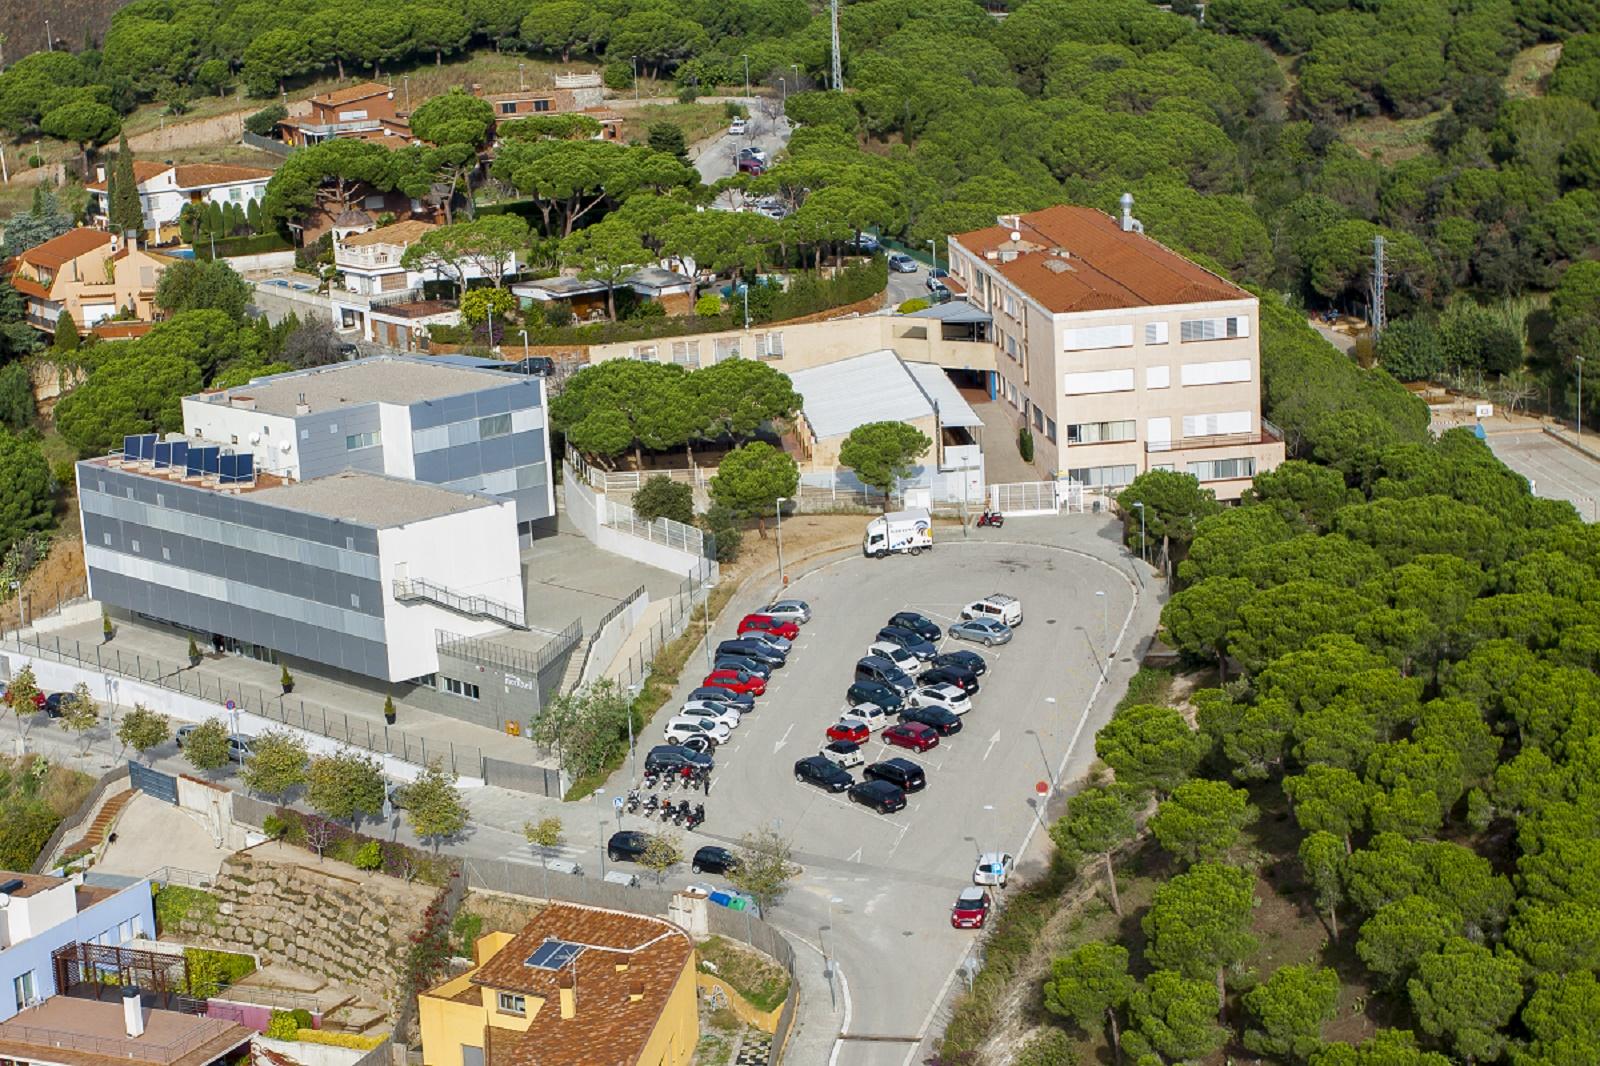 Vista de l'Escola Meritxell des de l'aire